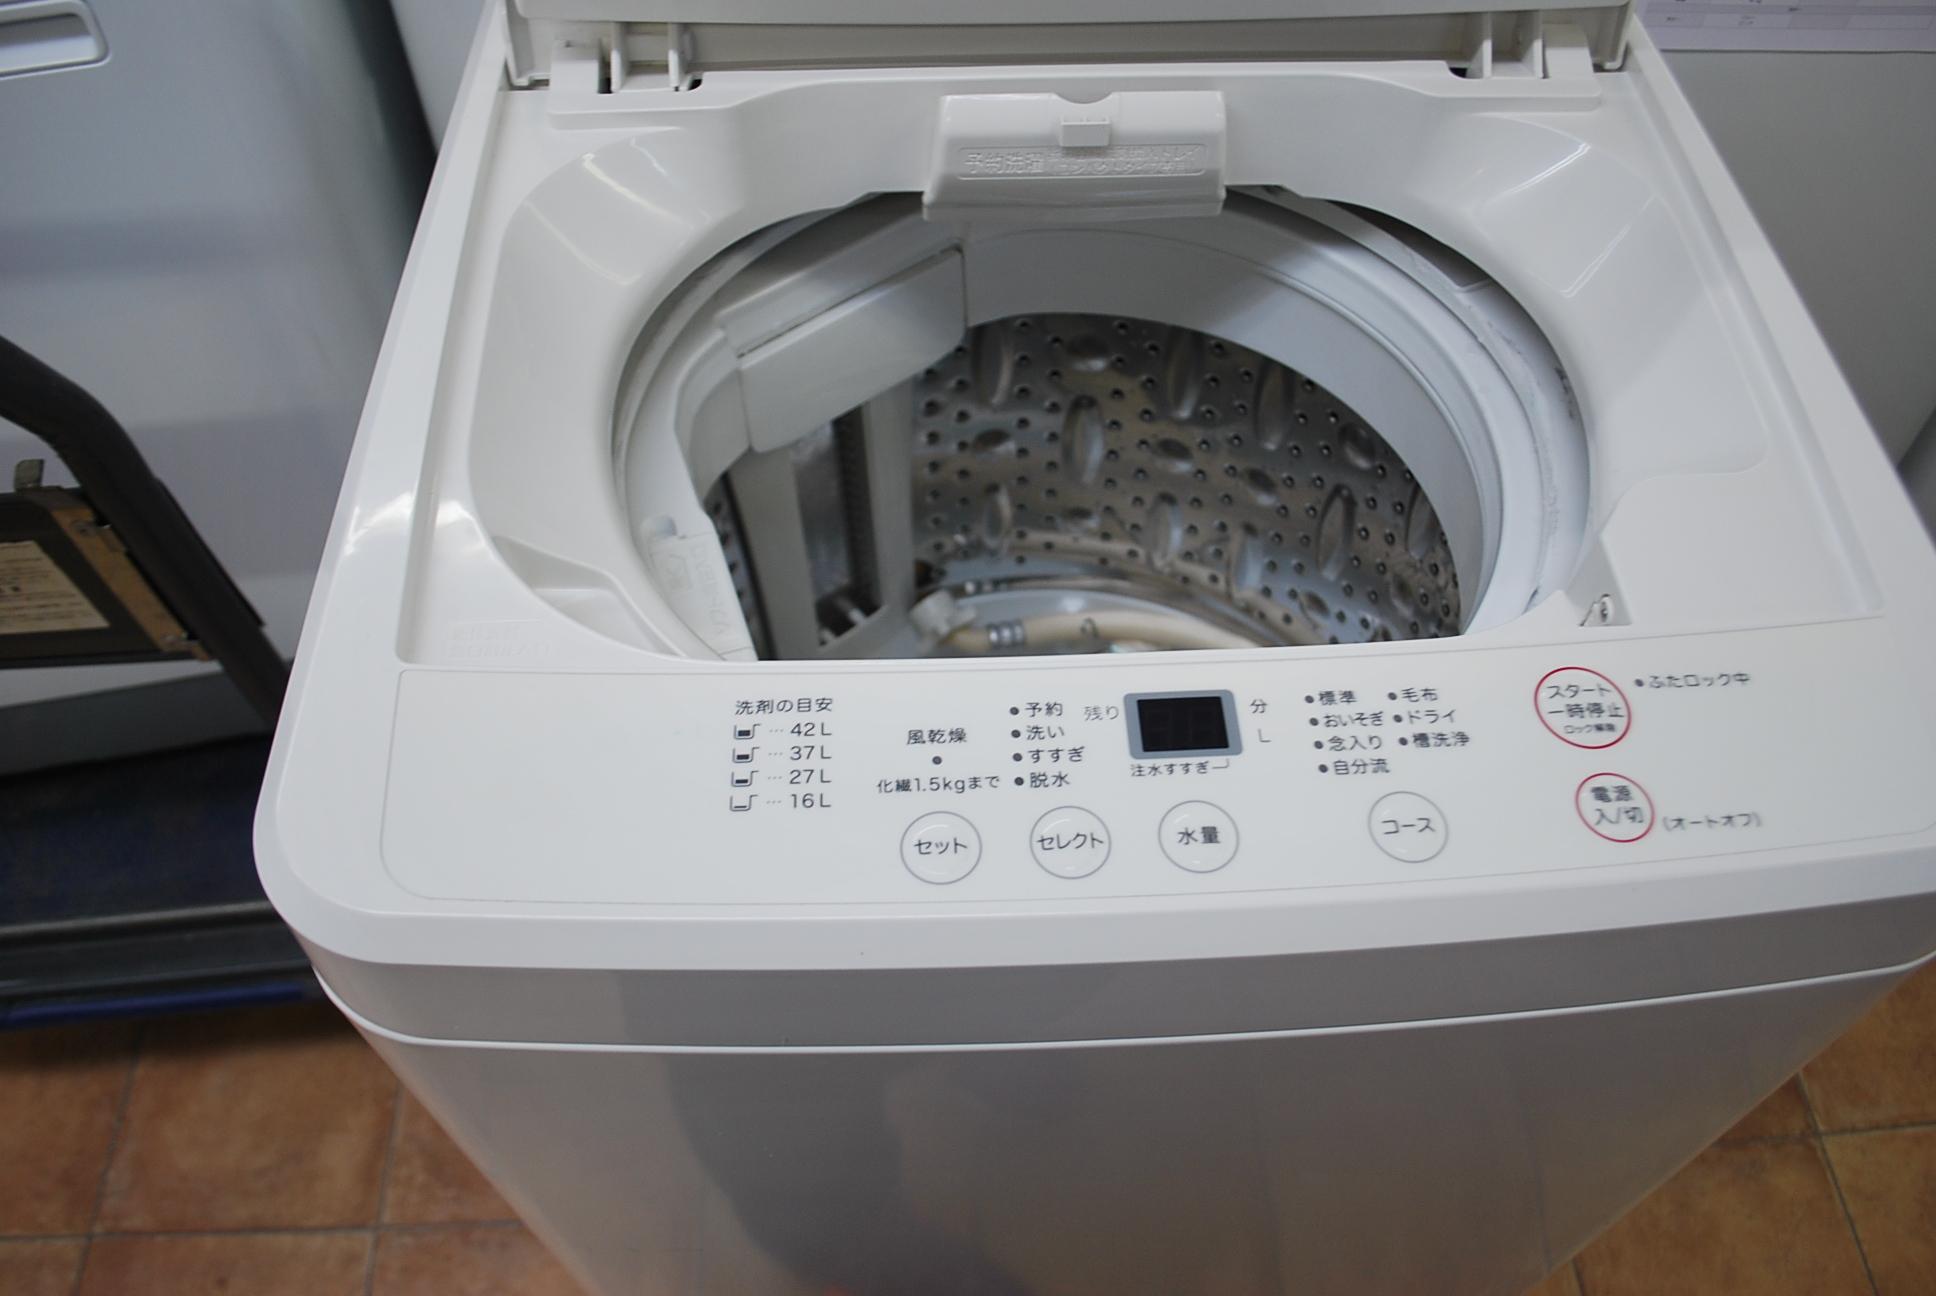 洗濯容量:4.5kg 風呂水ポンプ:なし幅:565mm 奥行き:534mm 高さ:890mm 発売年:2013年説明書:なし